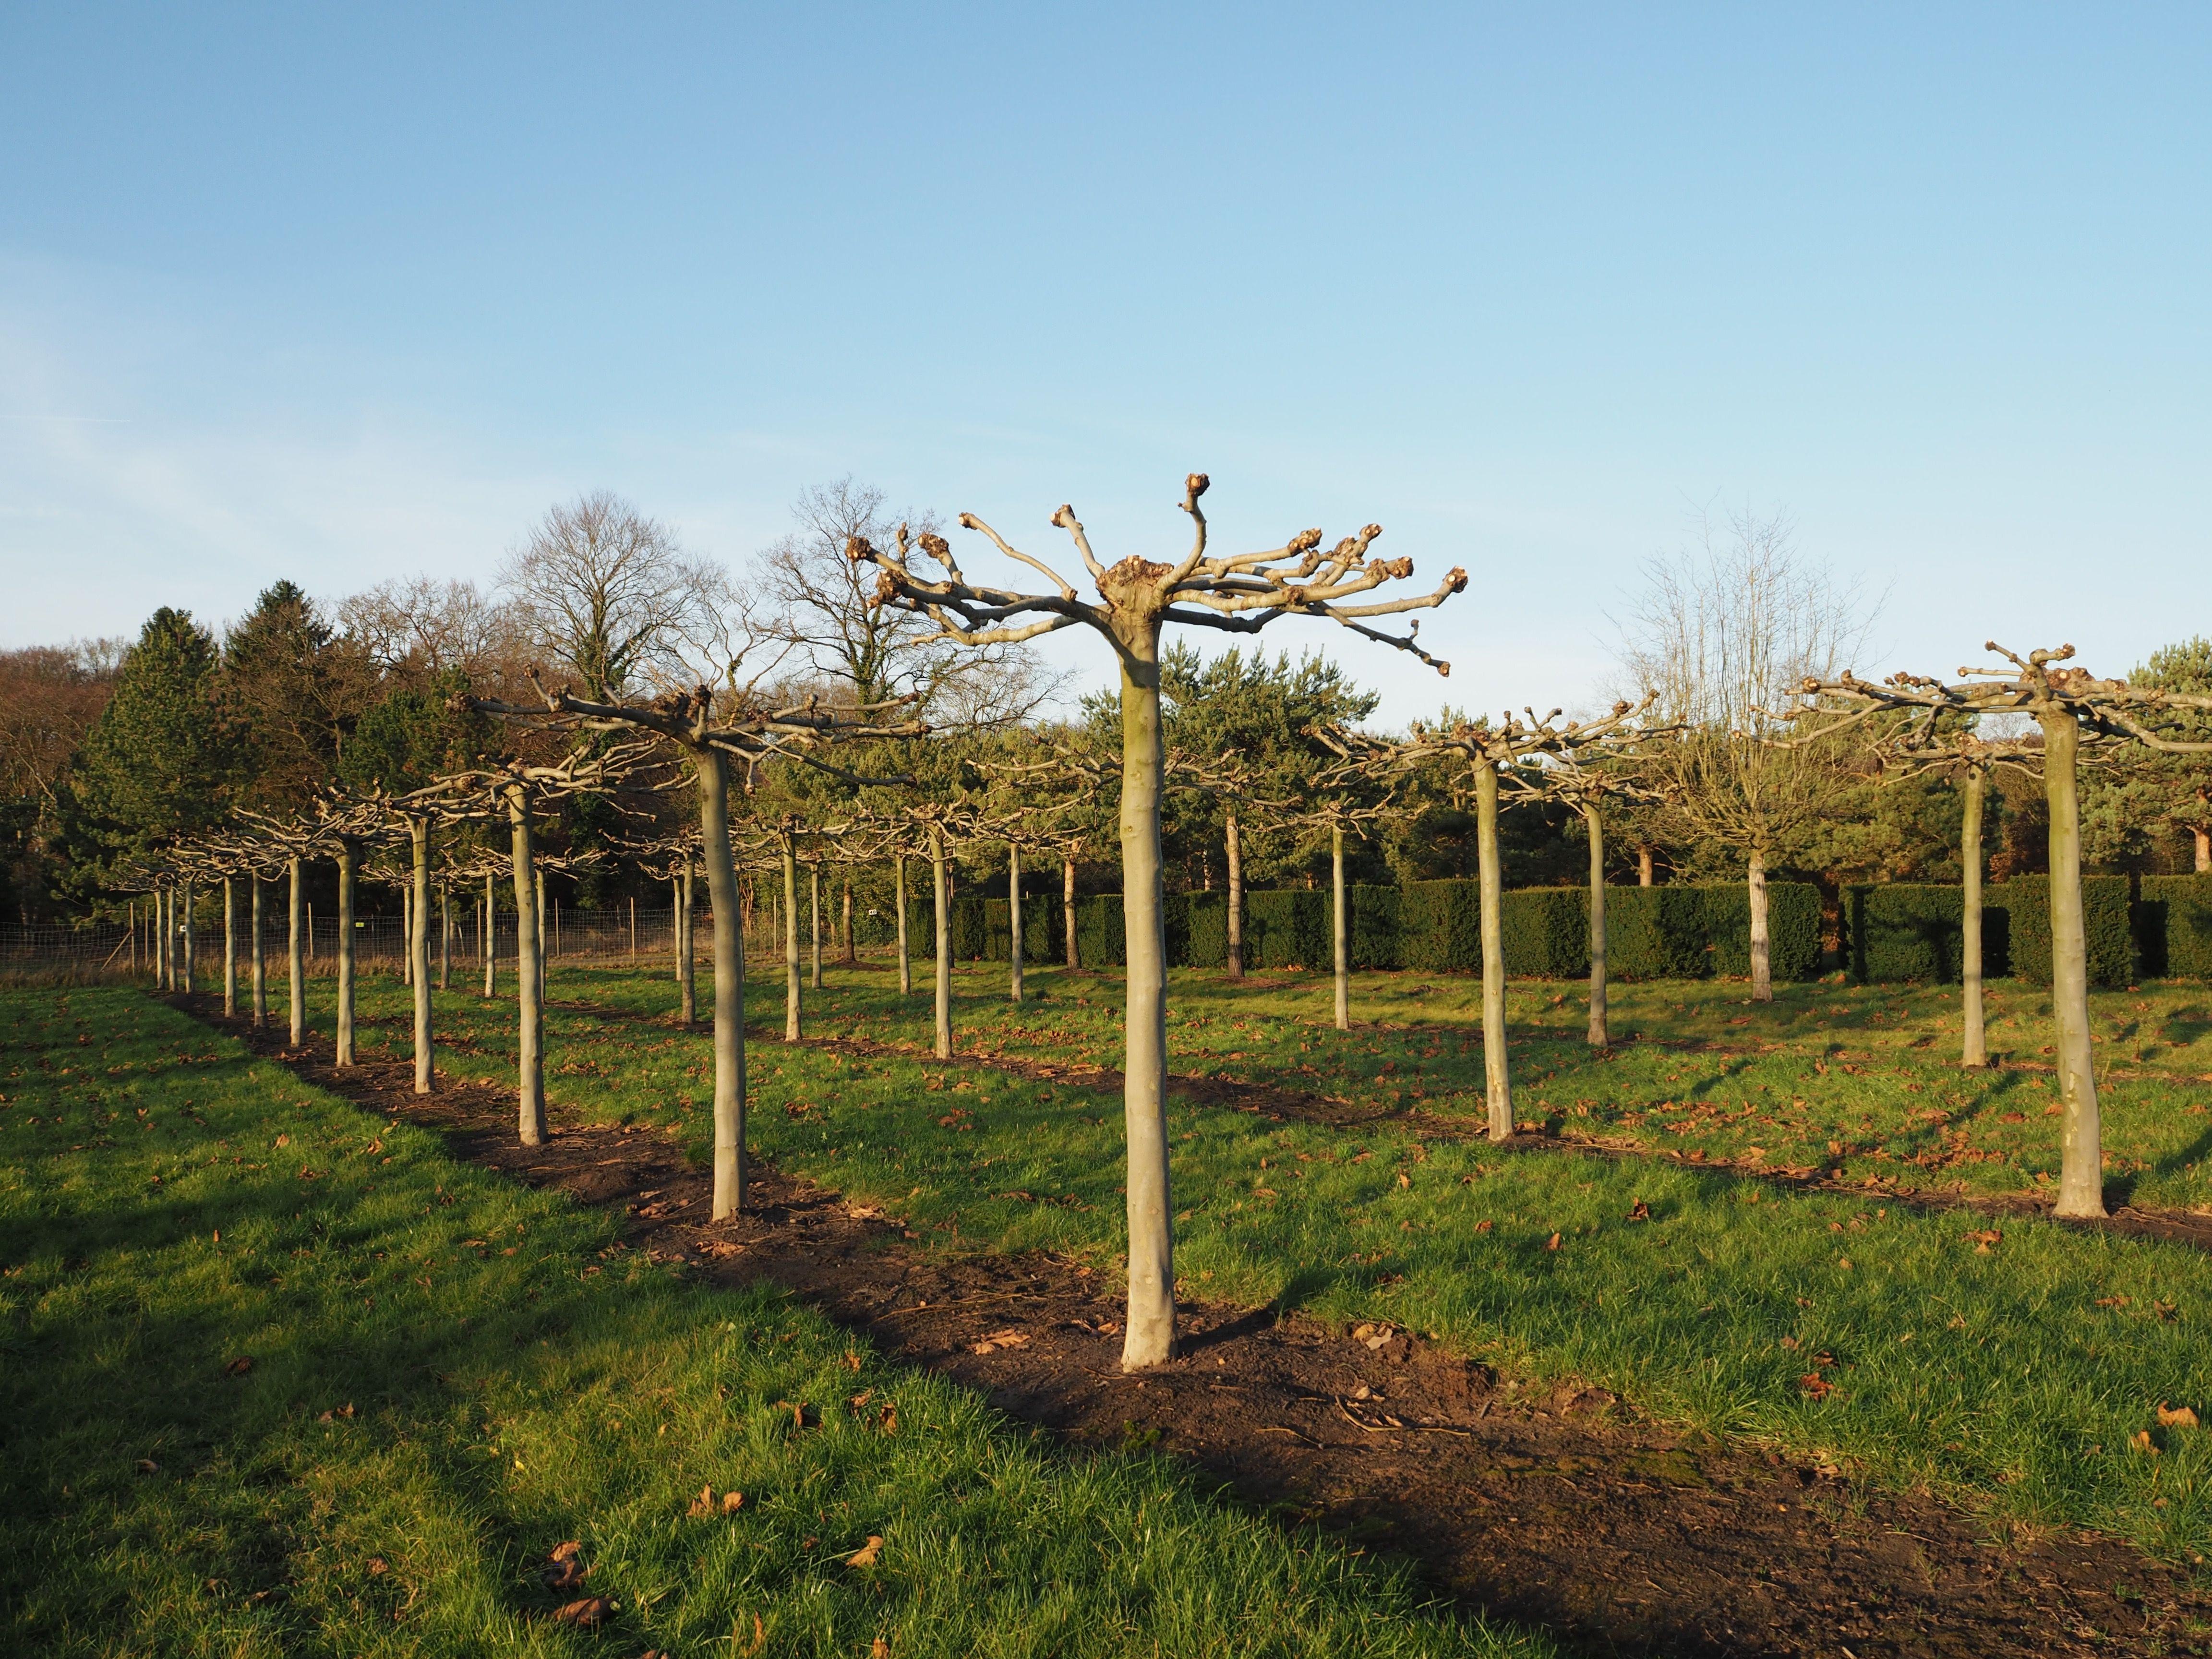 Dachplatanen Im Winter In Der Baumschule Vf Pflanzen In 2020 Dachplatane Baumschule Platanen